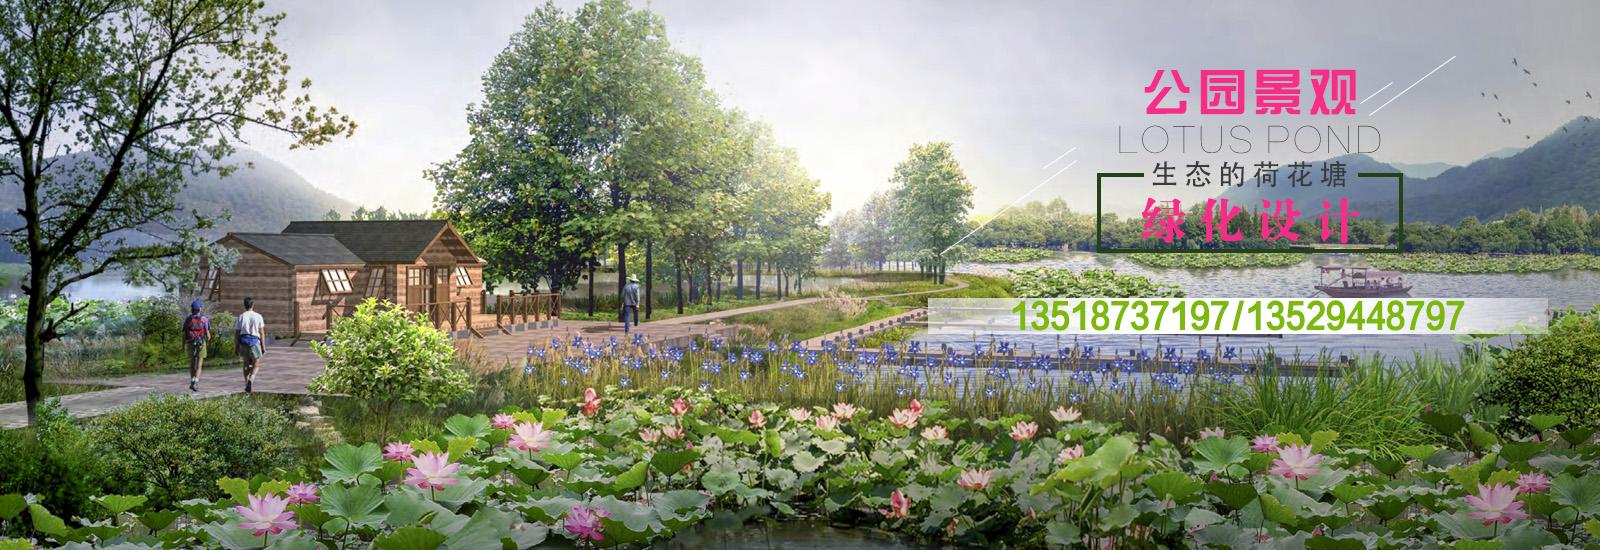 园林景观设计在教育方面存在着那些问题呢